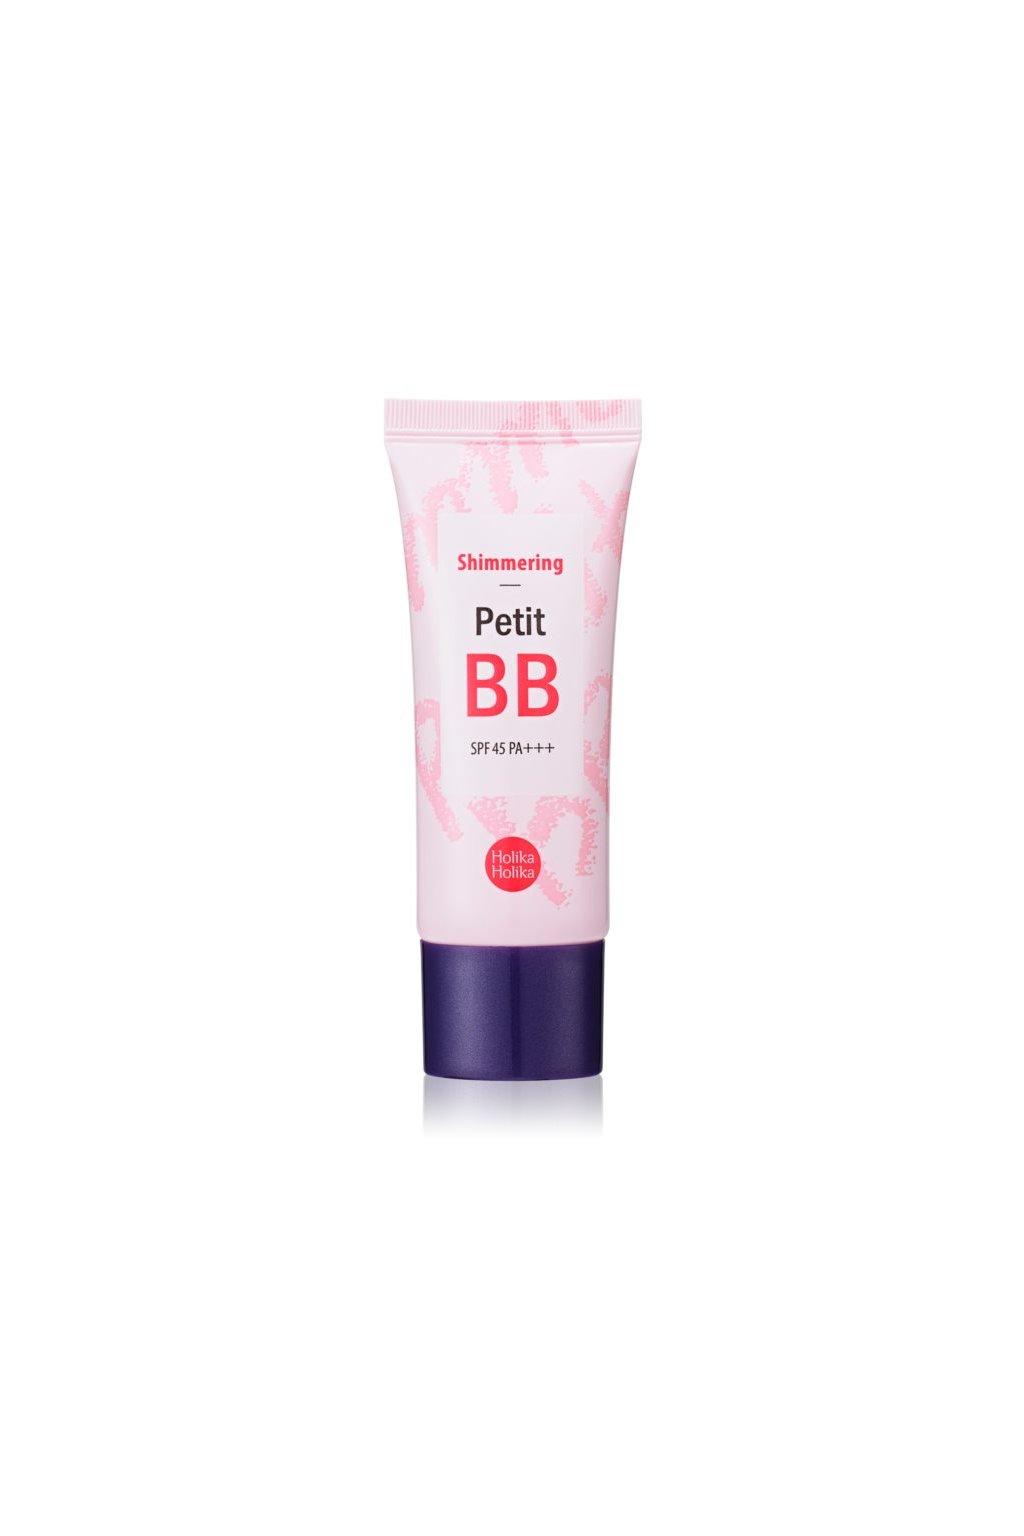 holika holika petit bb shimmering rozjasnujici bb krem spf 40